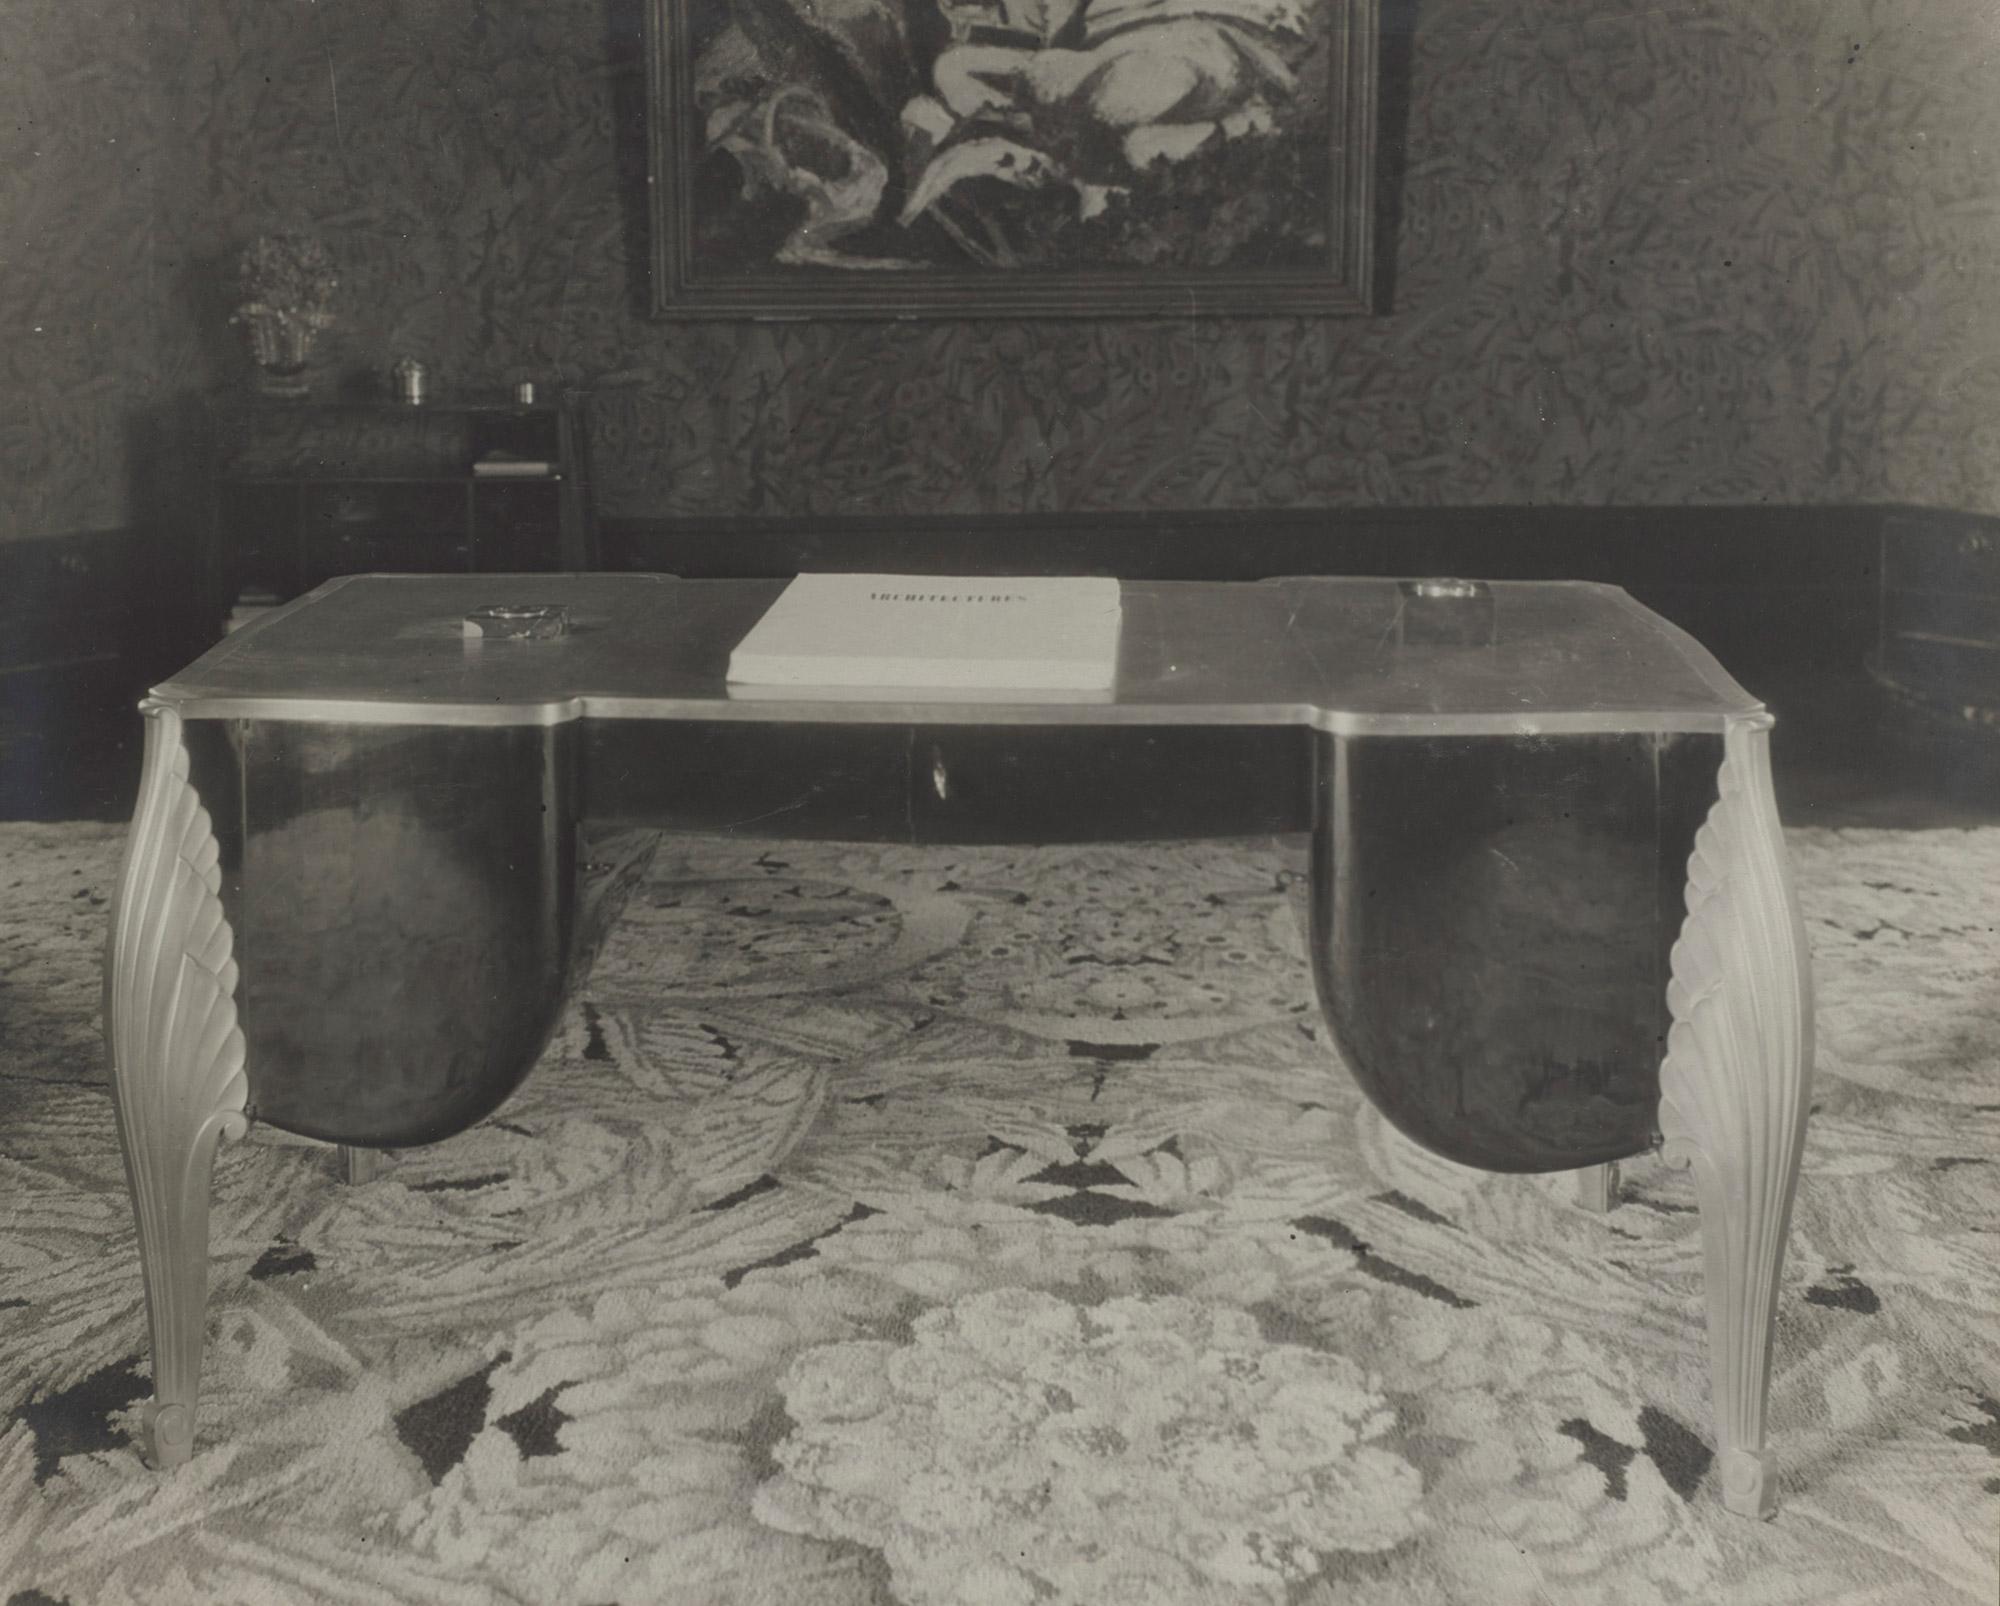 D co salon du dessin contemporain horaires metz 33 for Vive le jardin salon de provence horaires